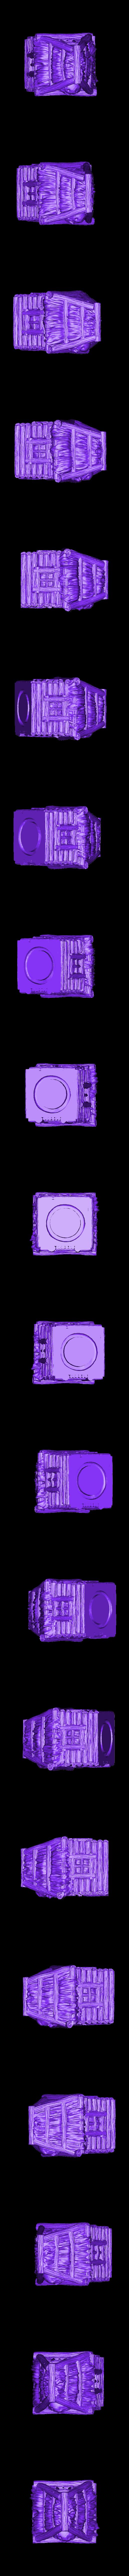 02_Hut.stl Download STL file Baby Yaga • 3D print model, PorcSkulpt9